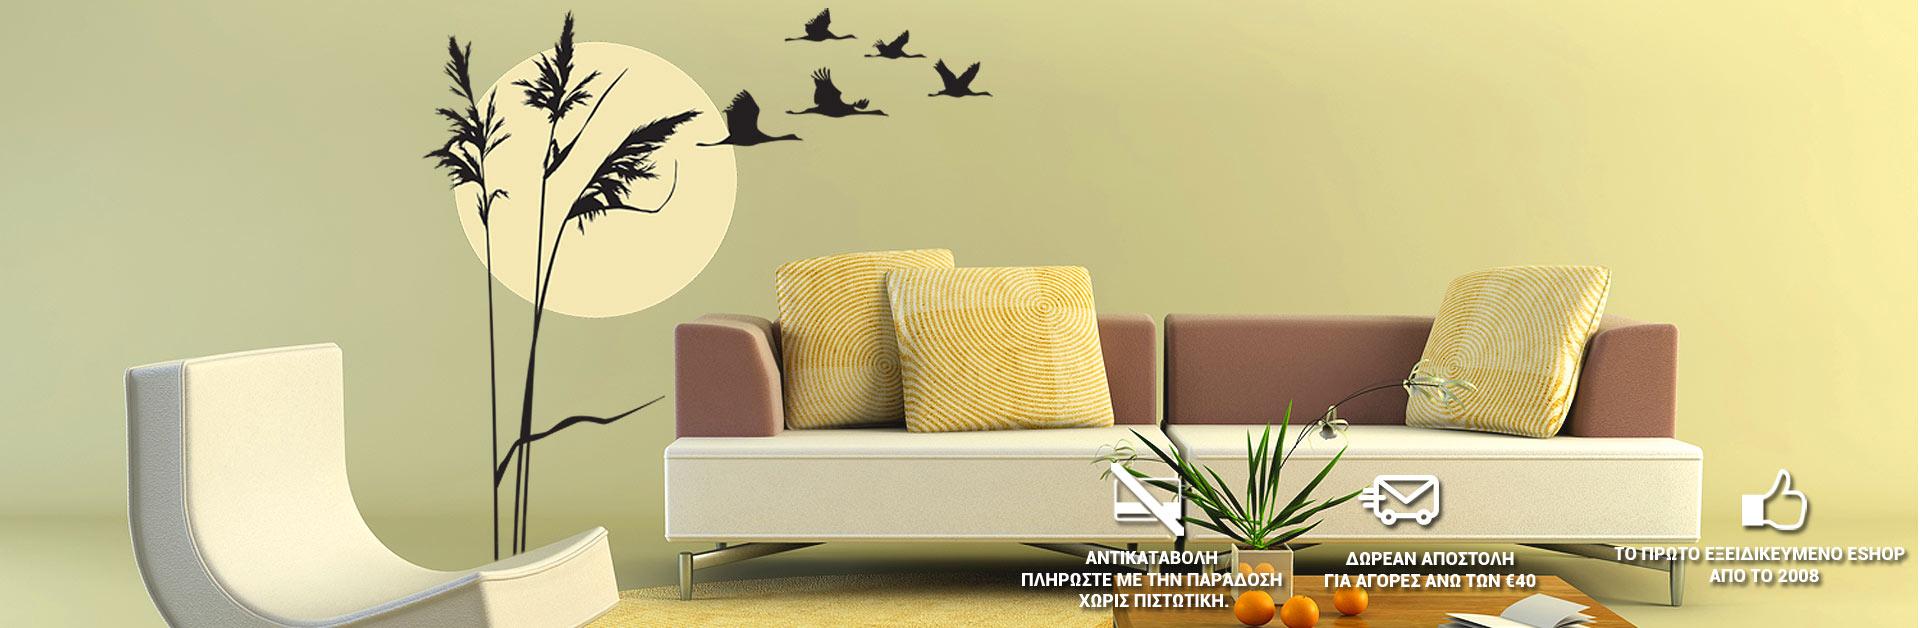 διακοσμητικα αυτοκολλητα τοιχου με εμφαση στη λεπτομερεια, σχεδια απο επωνυμους δημιουργους.